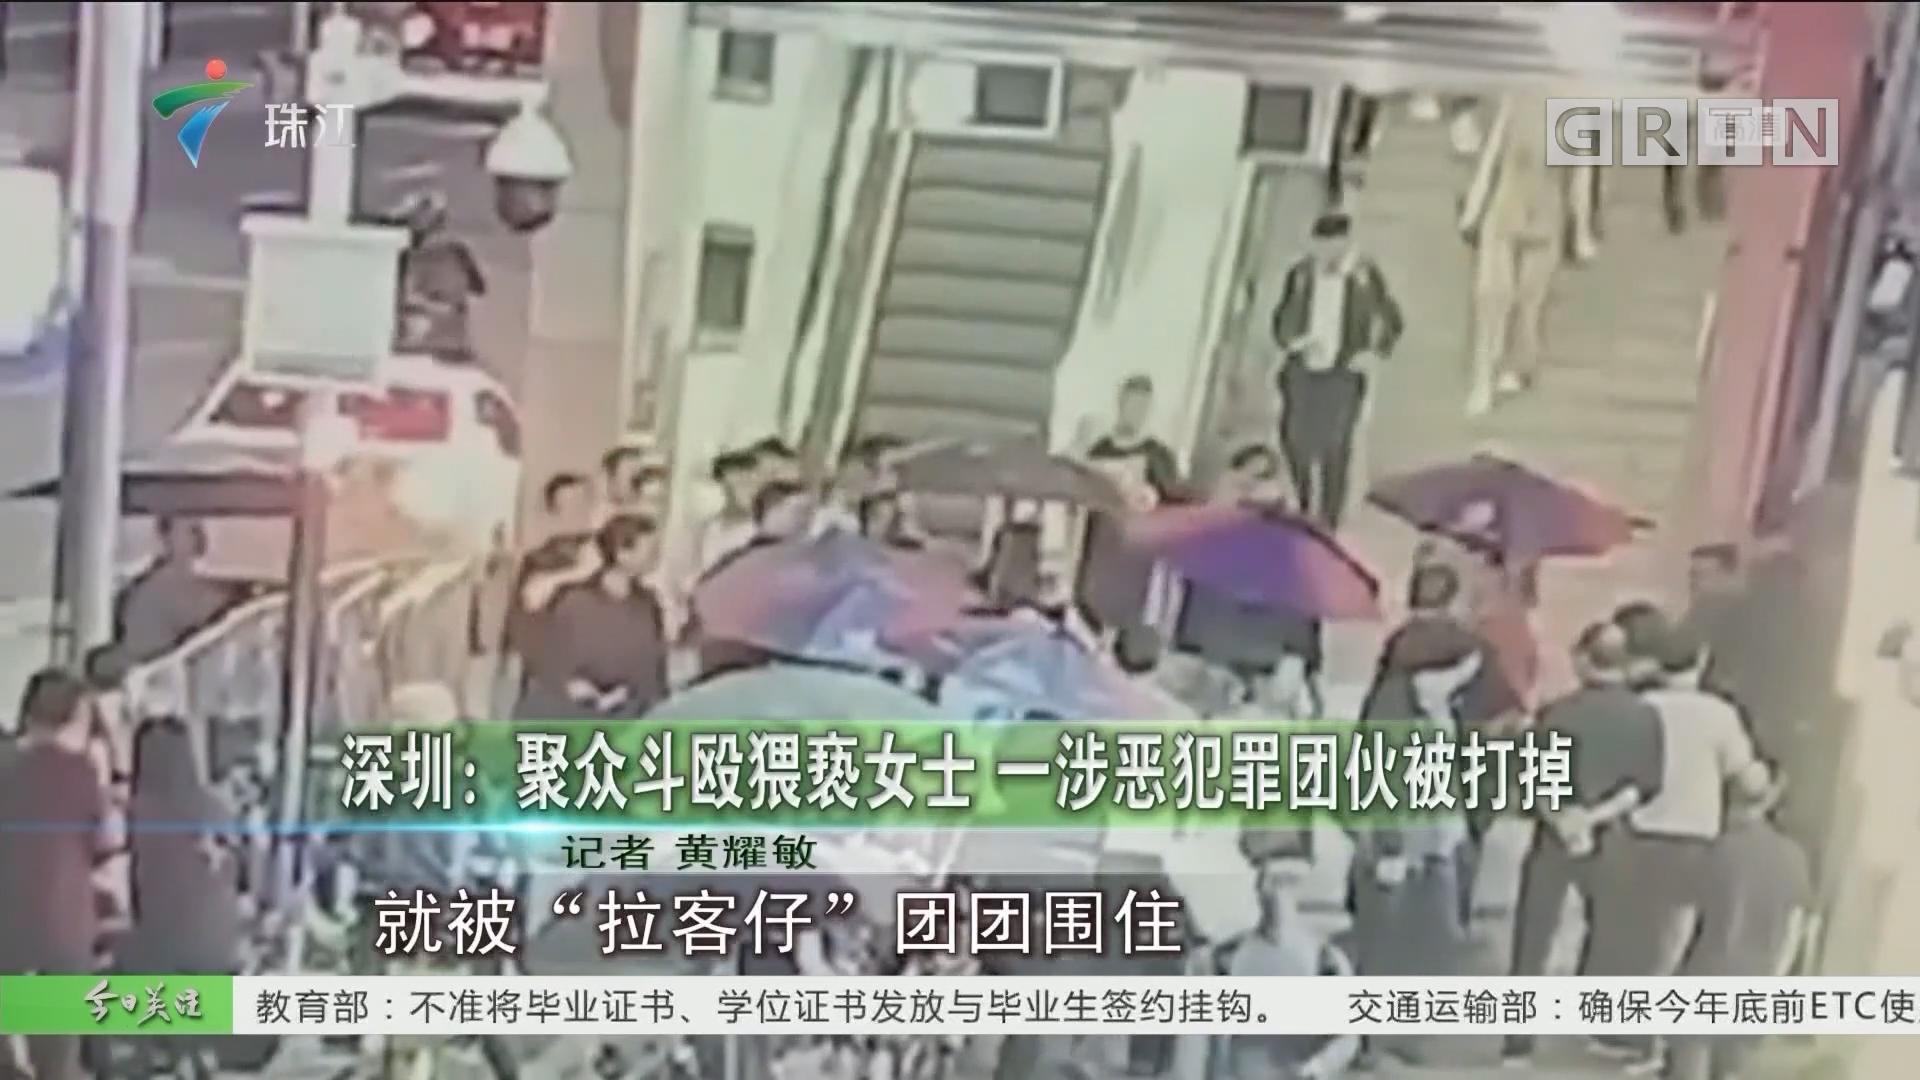 深圳:聚众斗殴猥亵女士 一渉恶犯罪团伙被打掉